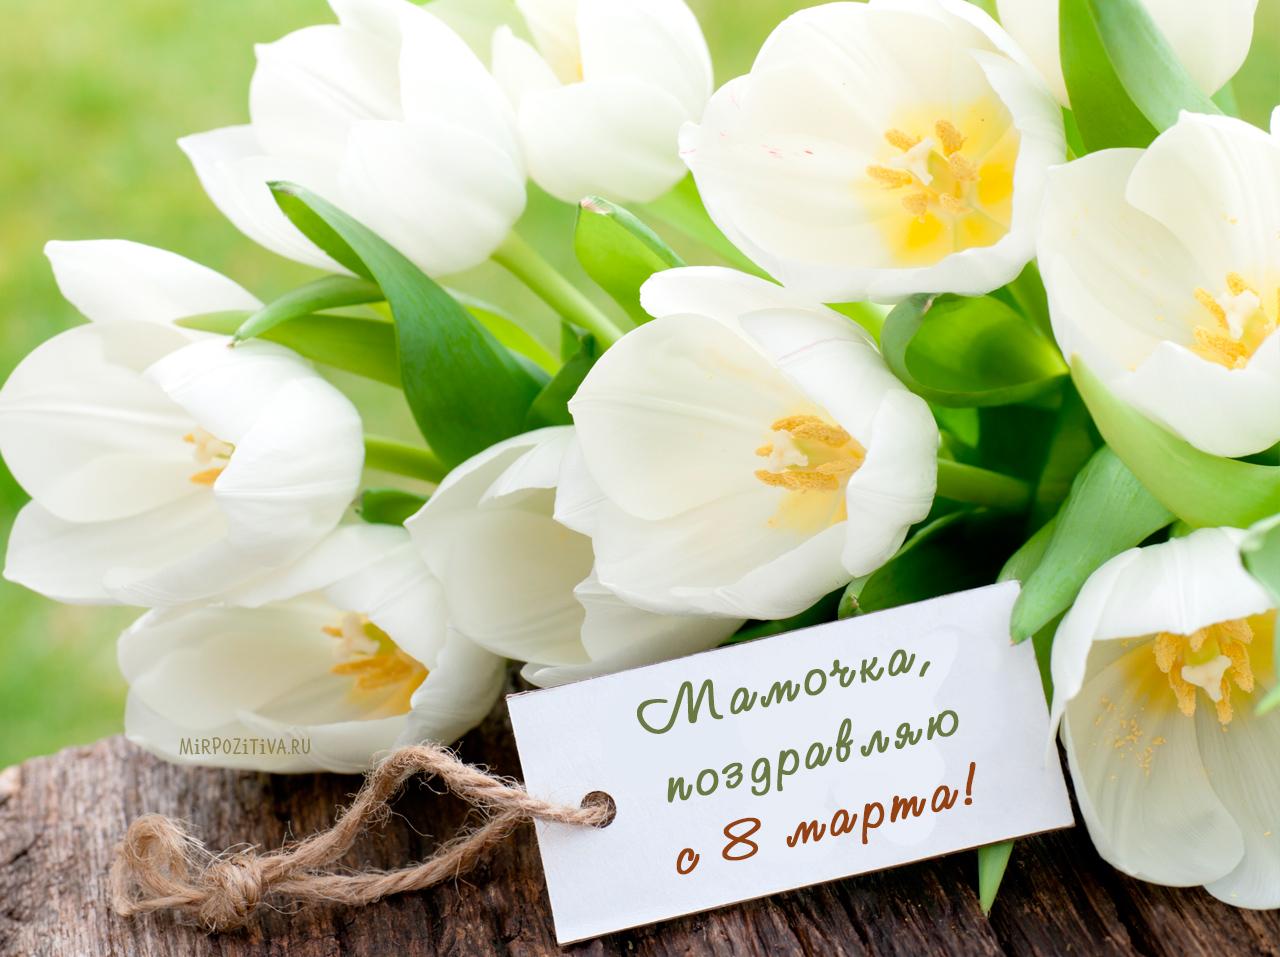 Прикольные поздравления на 8 марта женщинам. красивые и короткие пожелания в стихах и прозе